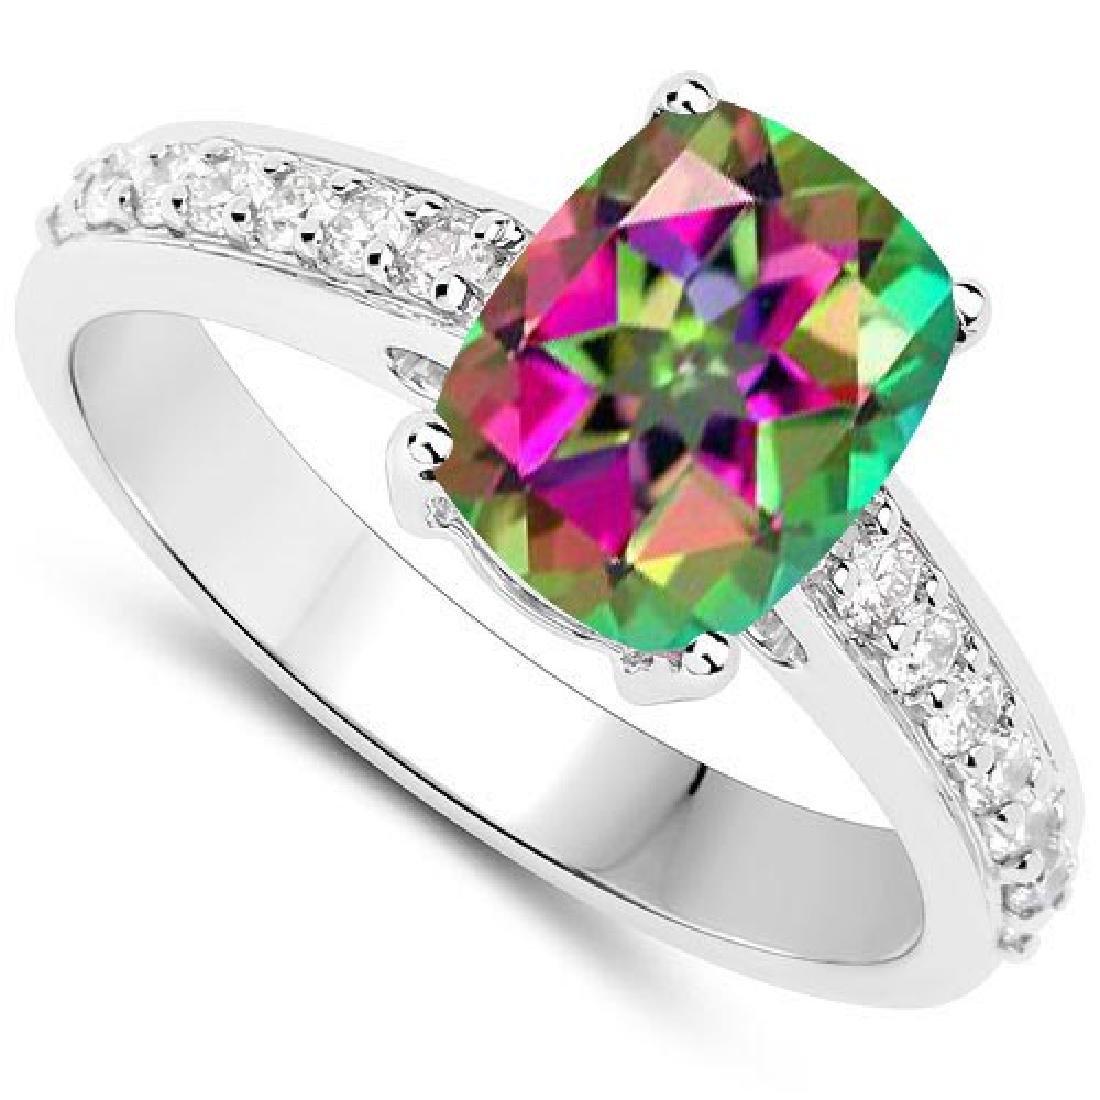 Certified 5.38 CTW Genuine Mystic Topaz And Diamond 14K